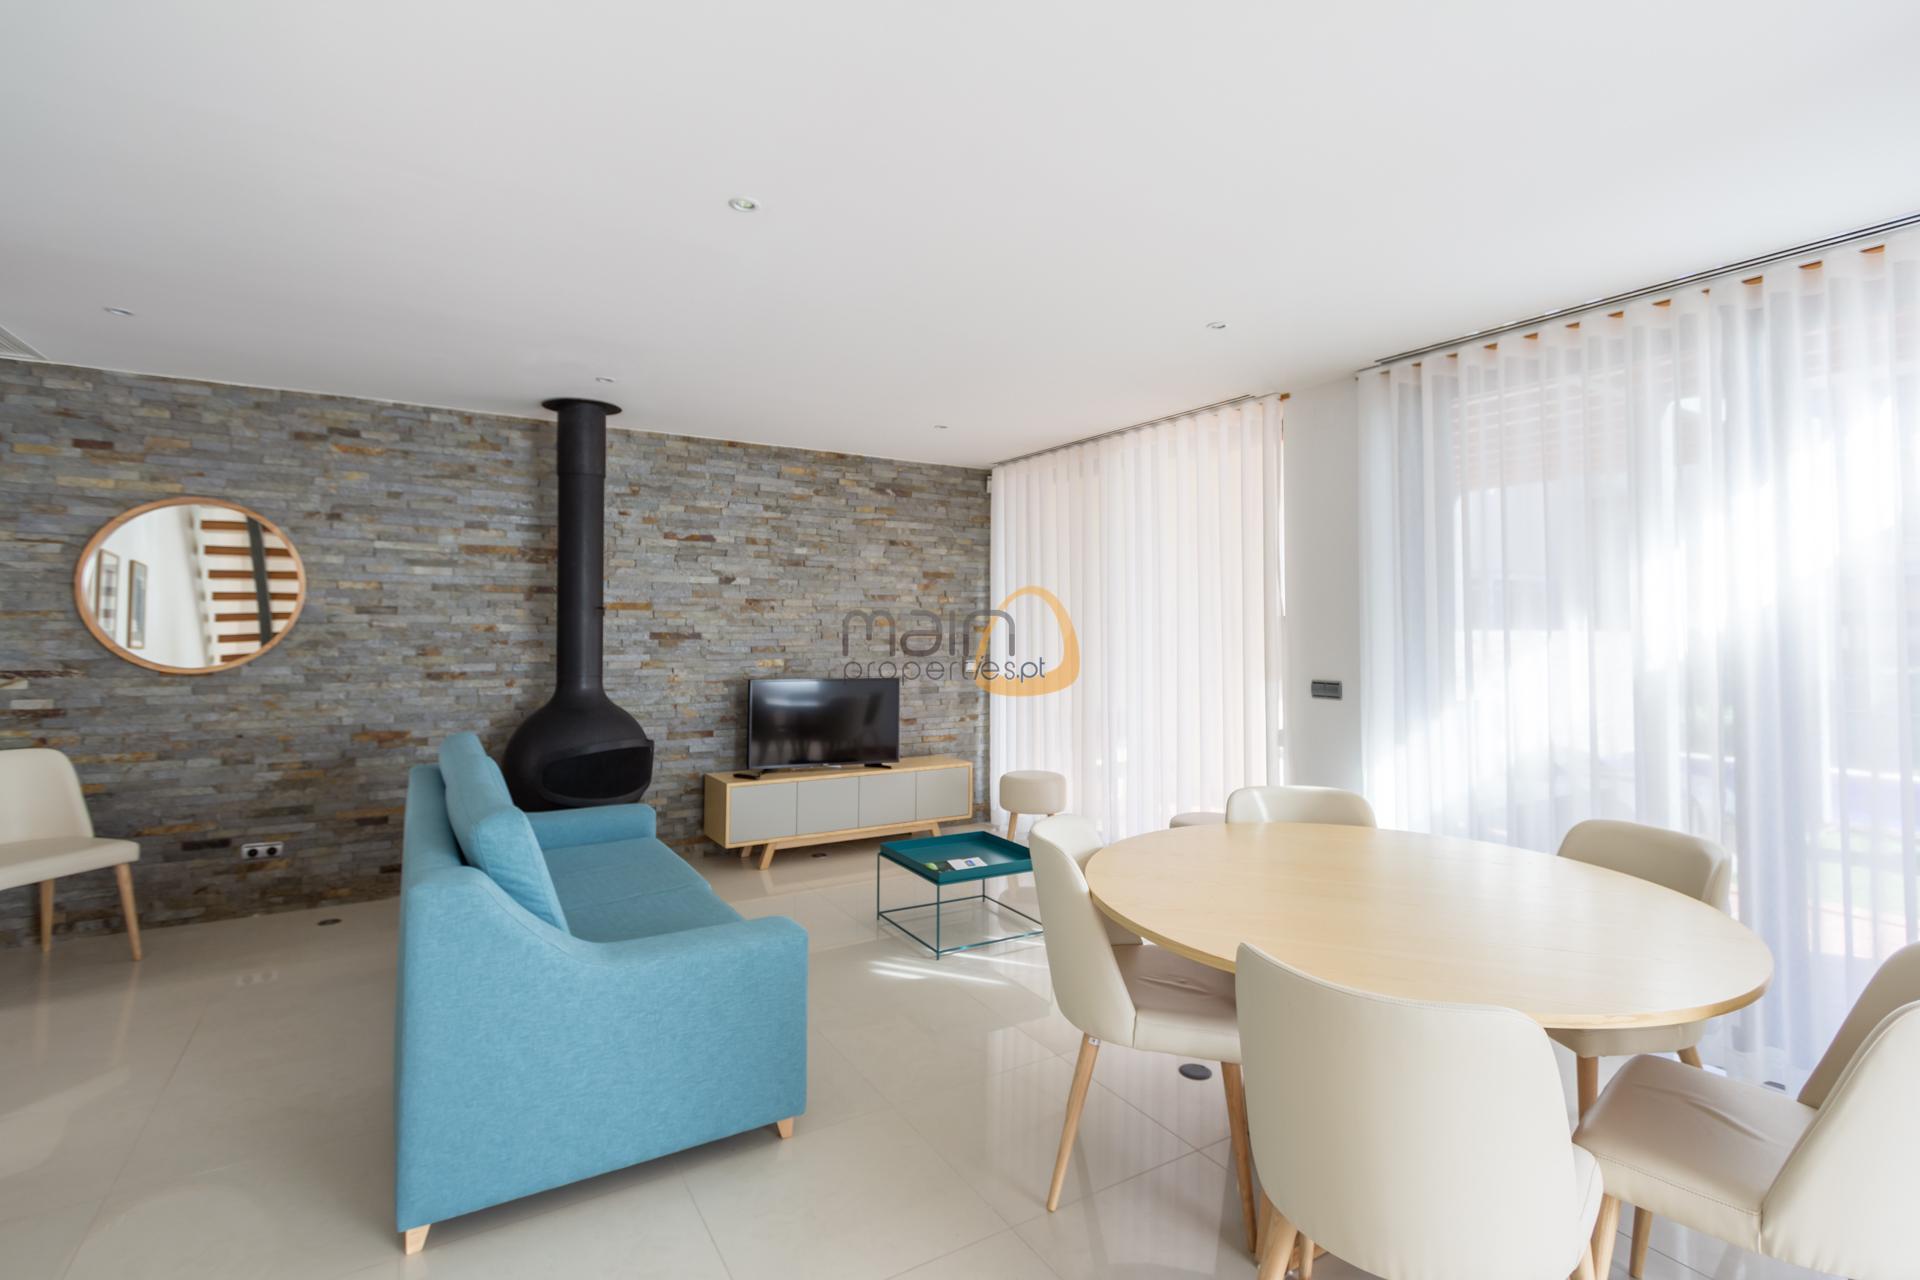 villa-in-vale-do-lobo-algarve-golden-triangle-portugal-property-real-estate-mainproperties-mp137vdl-2